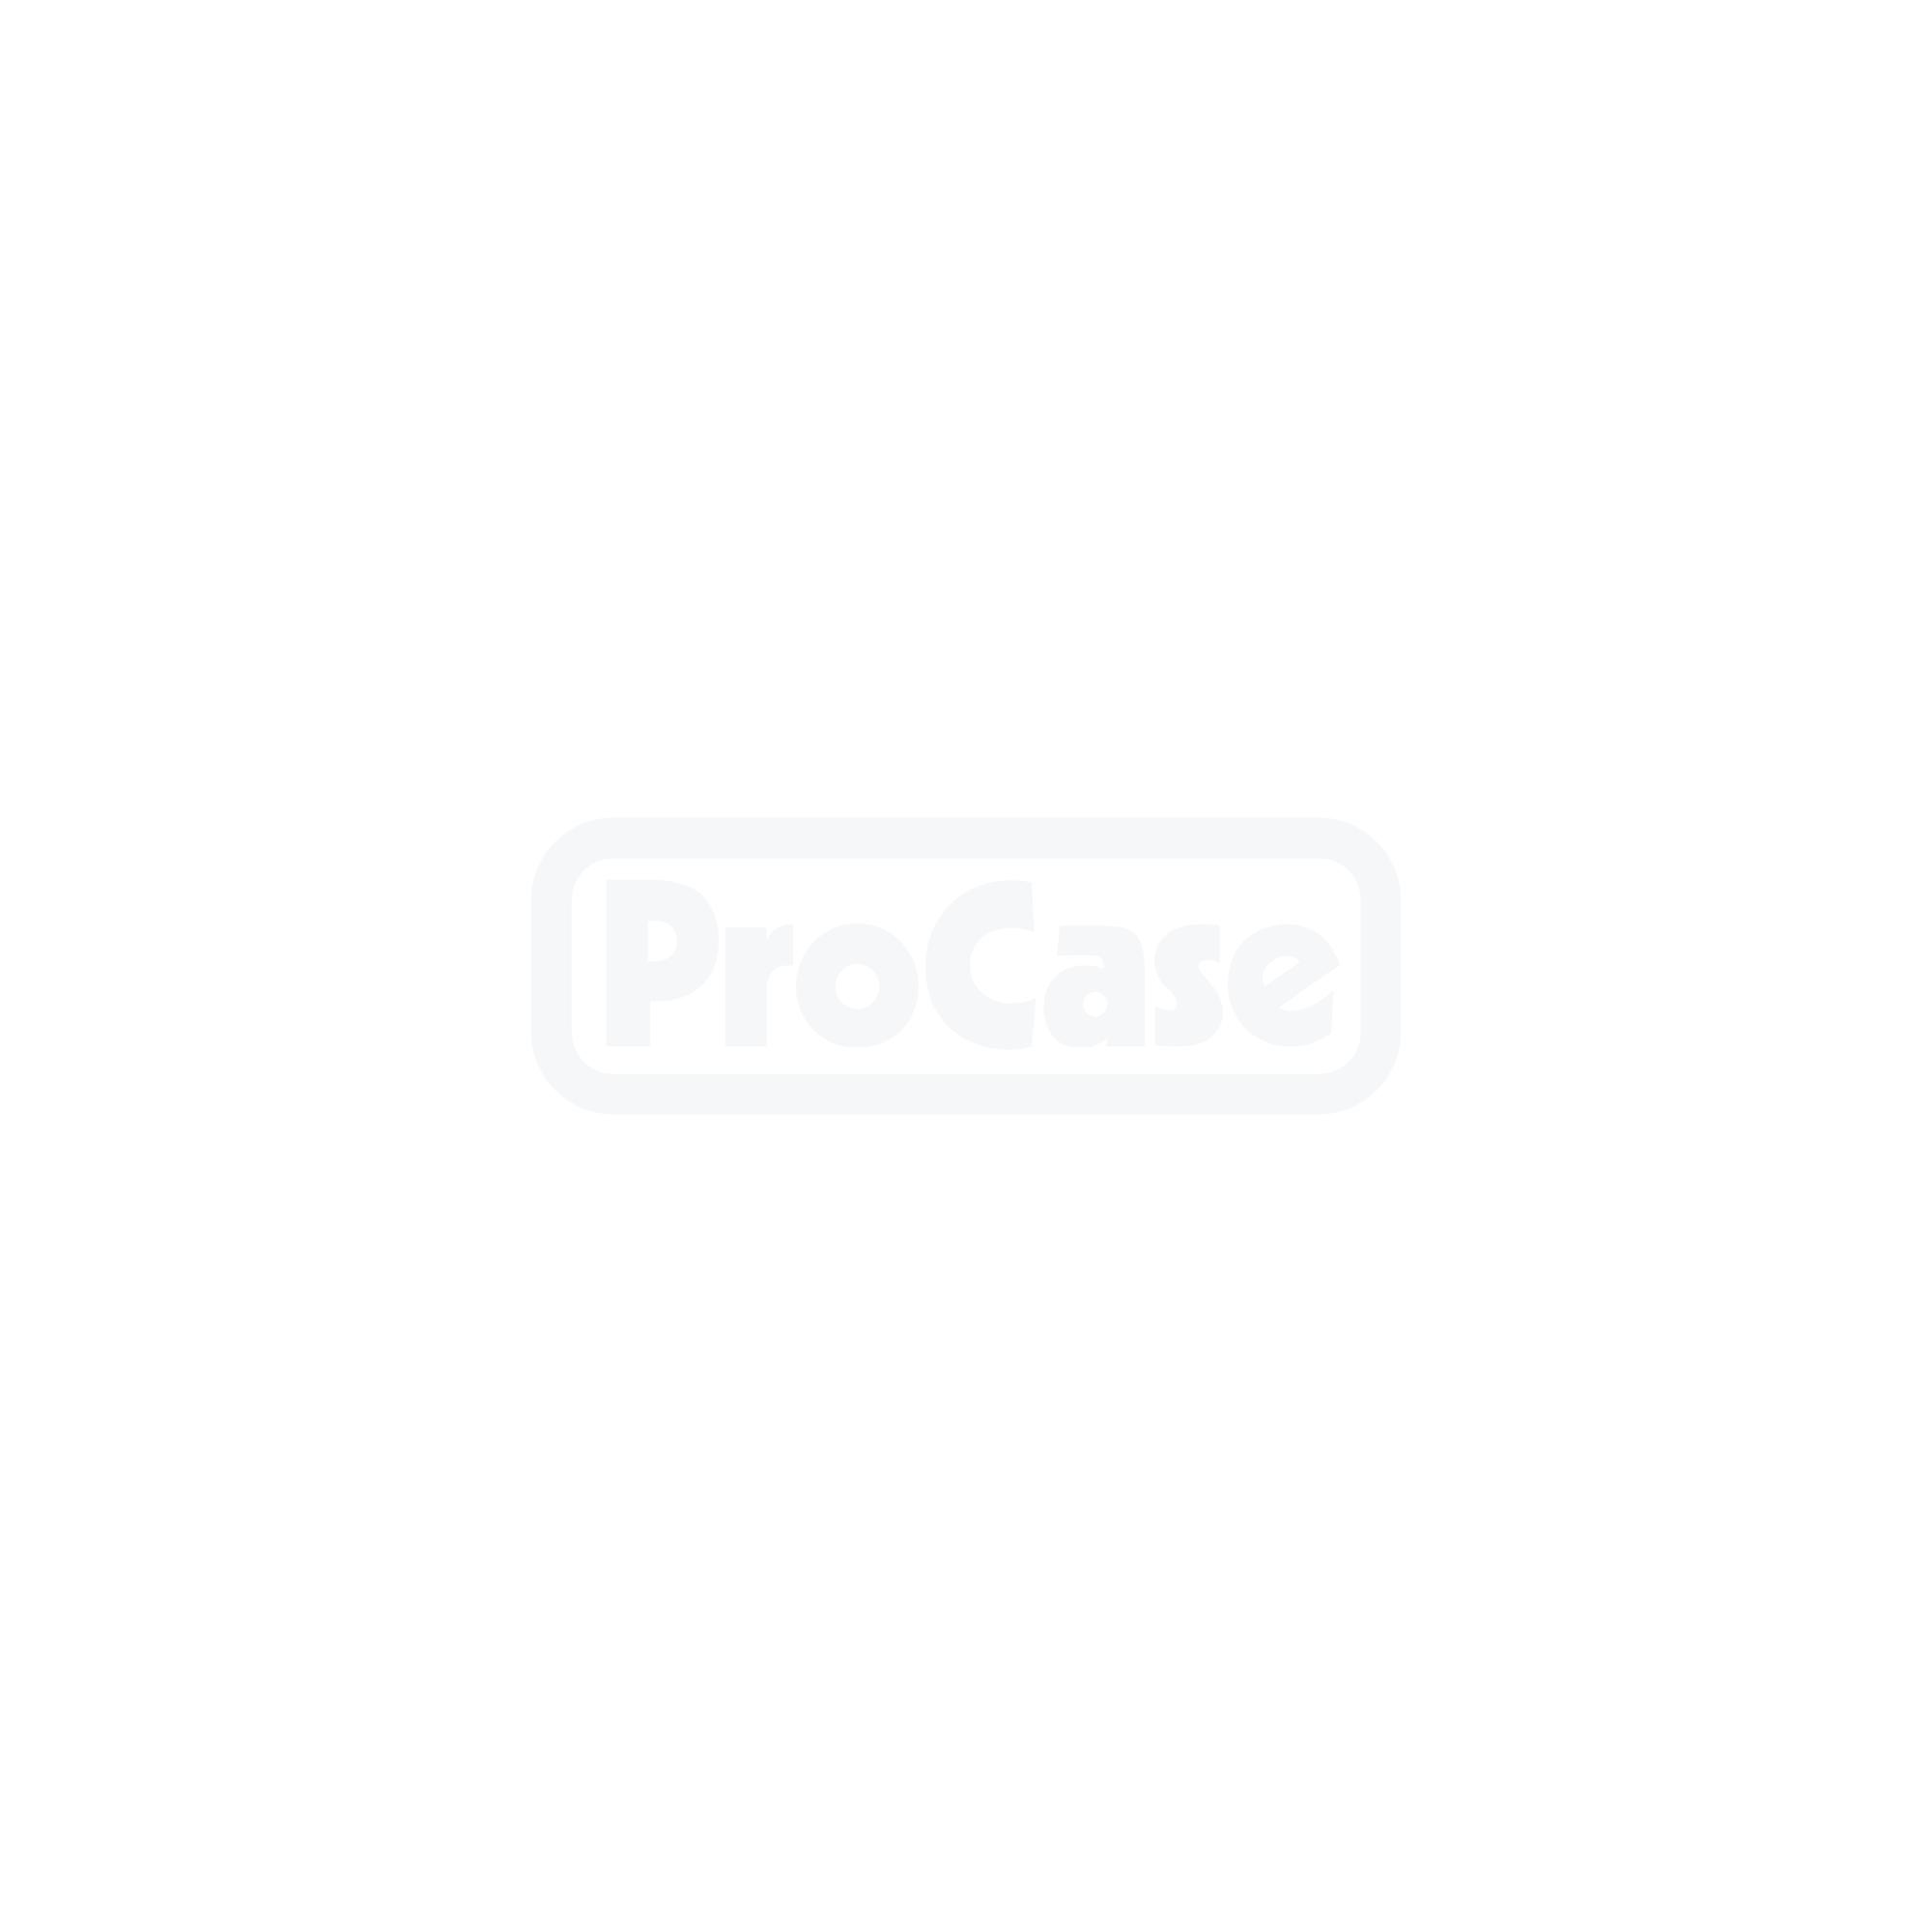 Flightcase für 4 BenQ GW2260HM Displays ohne Standfuß 3